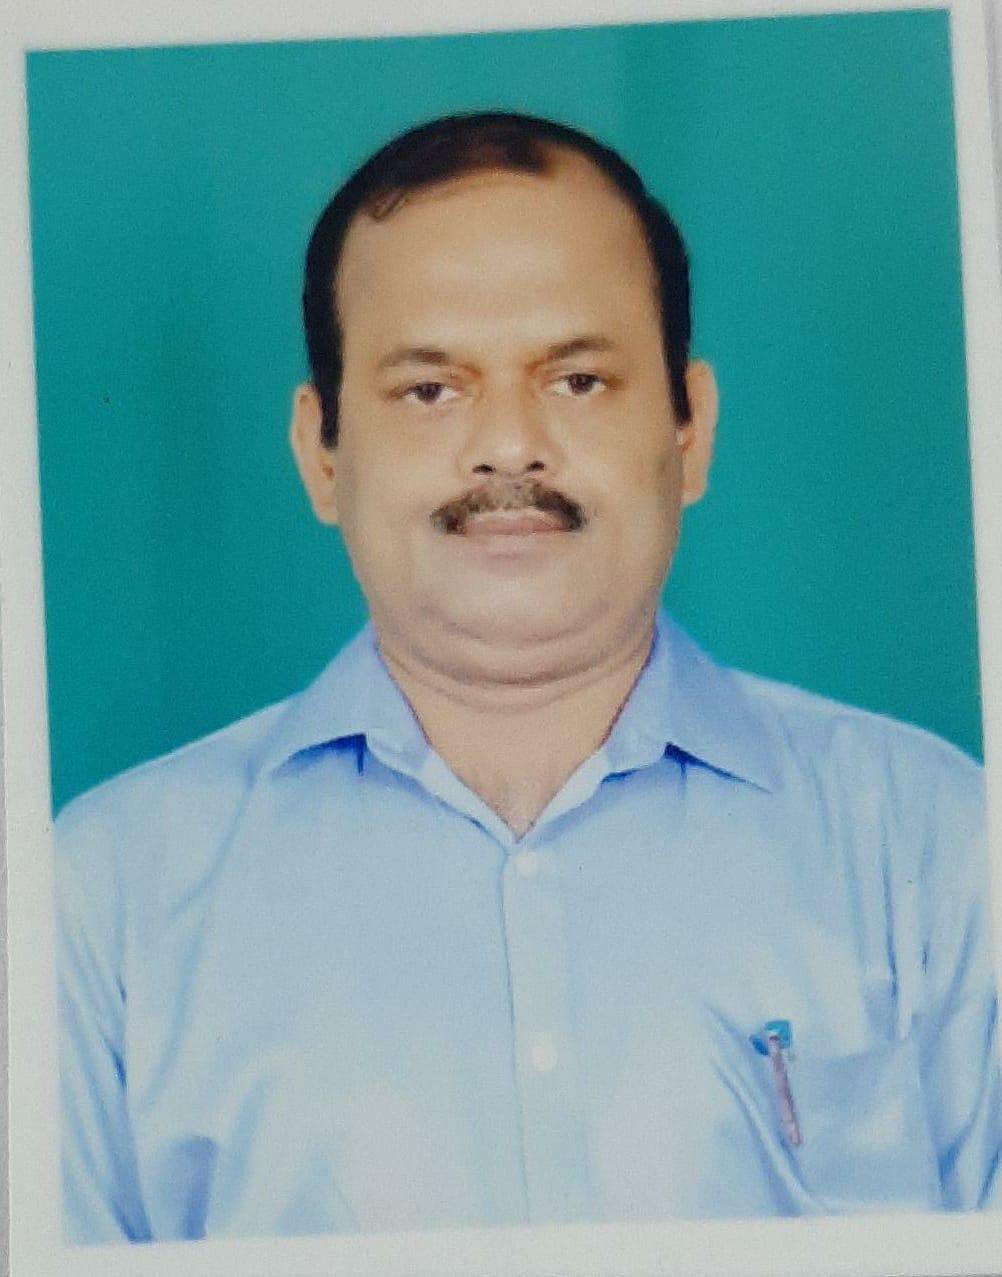 Dr. Sridhar Panda